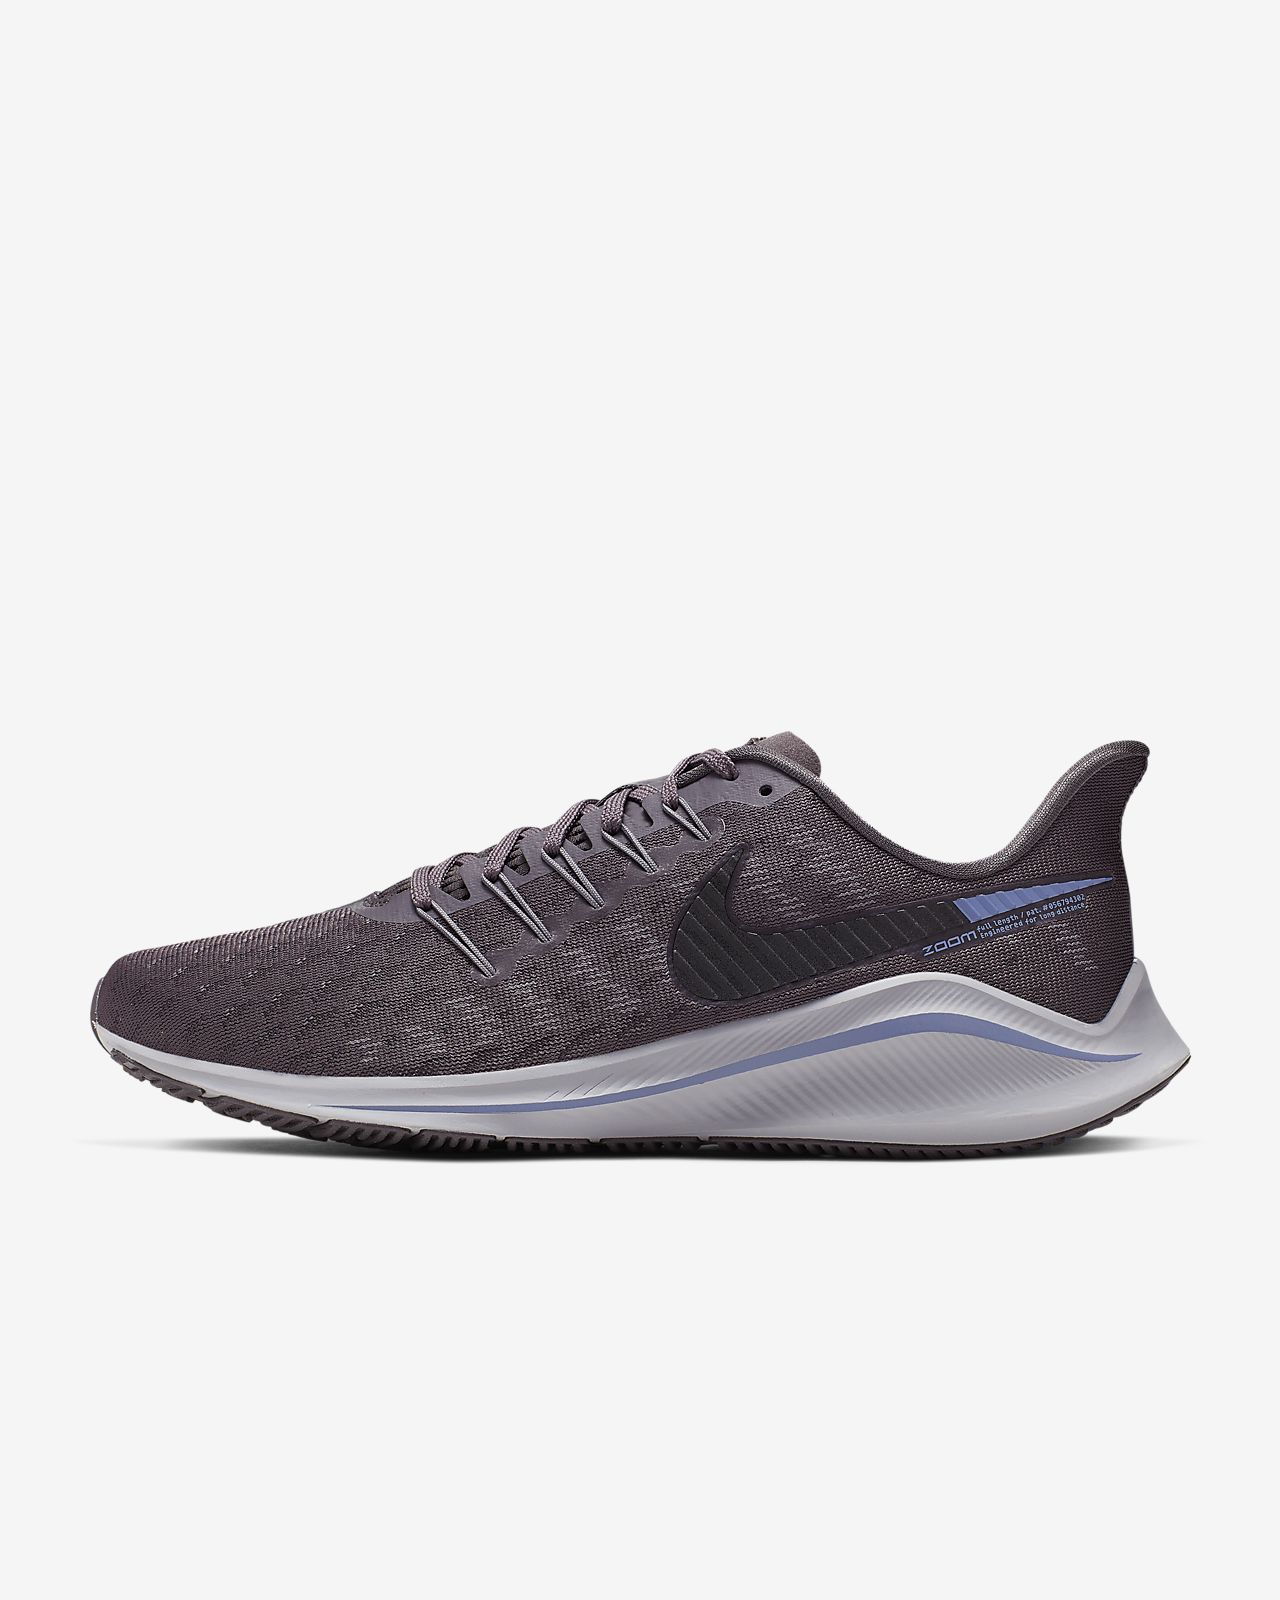 eef02ff2aa0 Nike Air Zoom Vomero 14 Zapatillas de running - Hombre. Nike.com ES